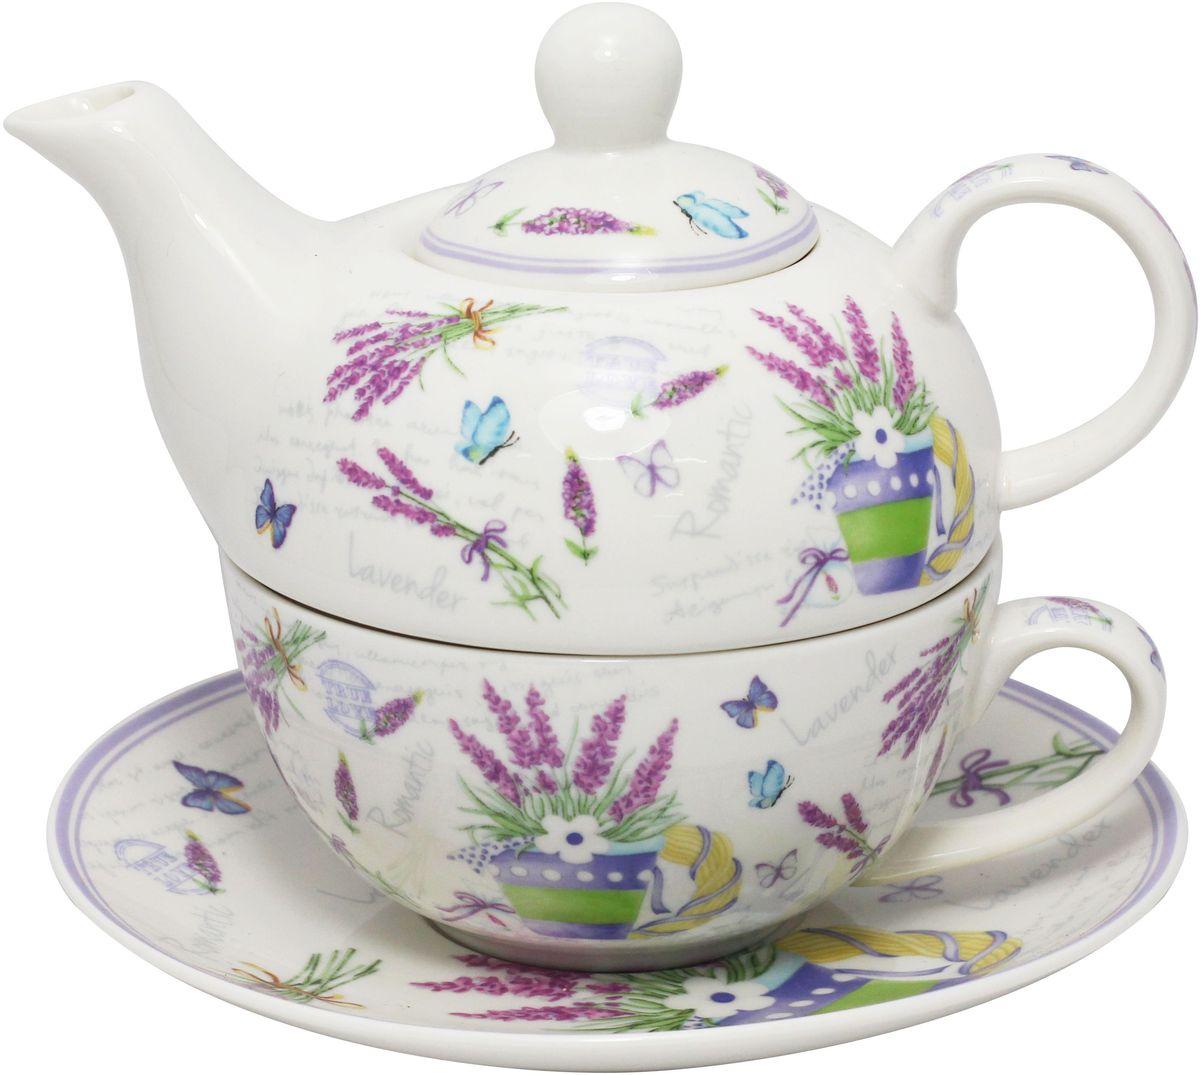 Набор чайный JEWEL Лаванда, 3 предмета115510ПКГО0006 Чайник 400мл,чашка300 мл,блюдце 16,7см Лаванда